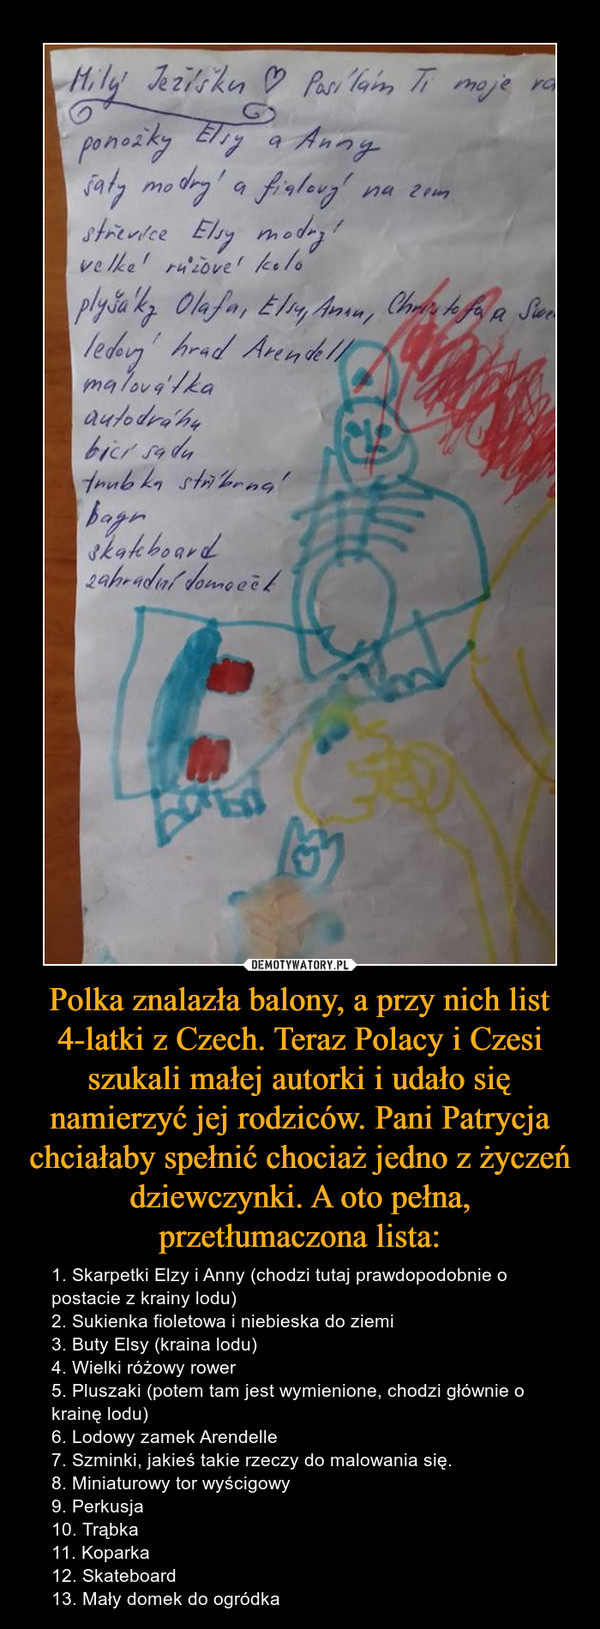 Polka znalazła balony, a przy nich list 4-latki z Czech. Teraz Polacy i Czesi szukali małej autorki i udało się namierzyć jej rodziców. Pani Patrycja chciałaby spełnić chociaż jedno z życzeń dziewczynki. A oto pełna, przetłumaczona lista: – 1. Skarpetki Elzy i Anny (chodzi tutaj prawdopodobnie o postacie z krainy lodu)2. Sukienka fioletowa i niebieska do ziemi3. Buty Elsy (kraina lodu)4. Wielki różowy rower5. Pluszaki (potem tam jest wymienione, chodzi głównie o krainę lodu)6. Lodowy zamek Arendelle7. Szminki, jakieś takie rzeczy do malowania się.8. Miniaturowy tor wyścigowy9. Perkusja10. Trąbka11. Koparka12. Skateboard13. Mały domek do ogródka